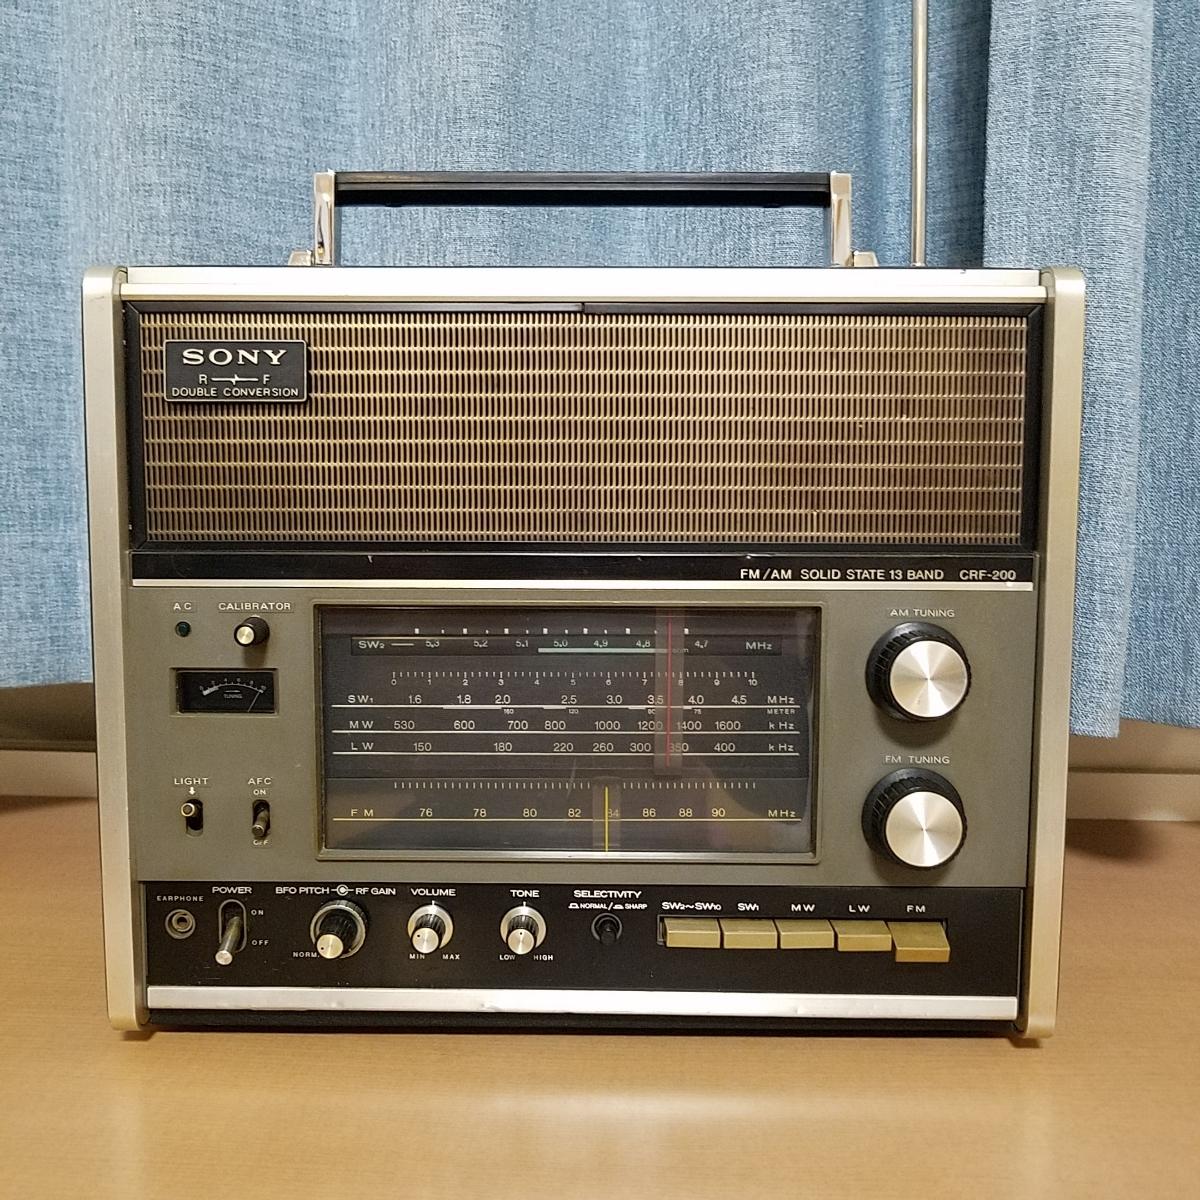 希少 SONY CRF-200 WORLDZONE13 ワールドゾーン 13 BAND RADIO アンティーク ラジオ 中古 簡易動作確認済